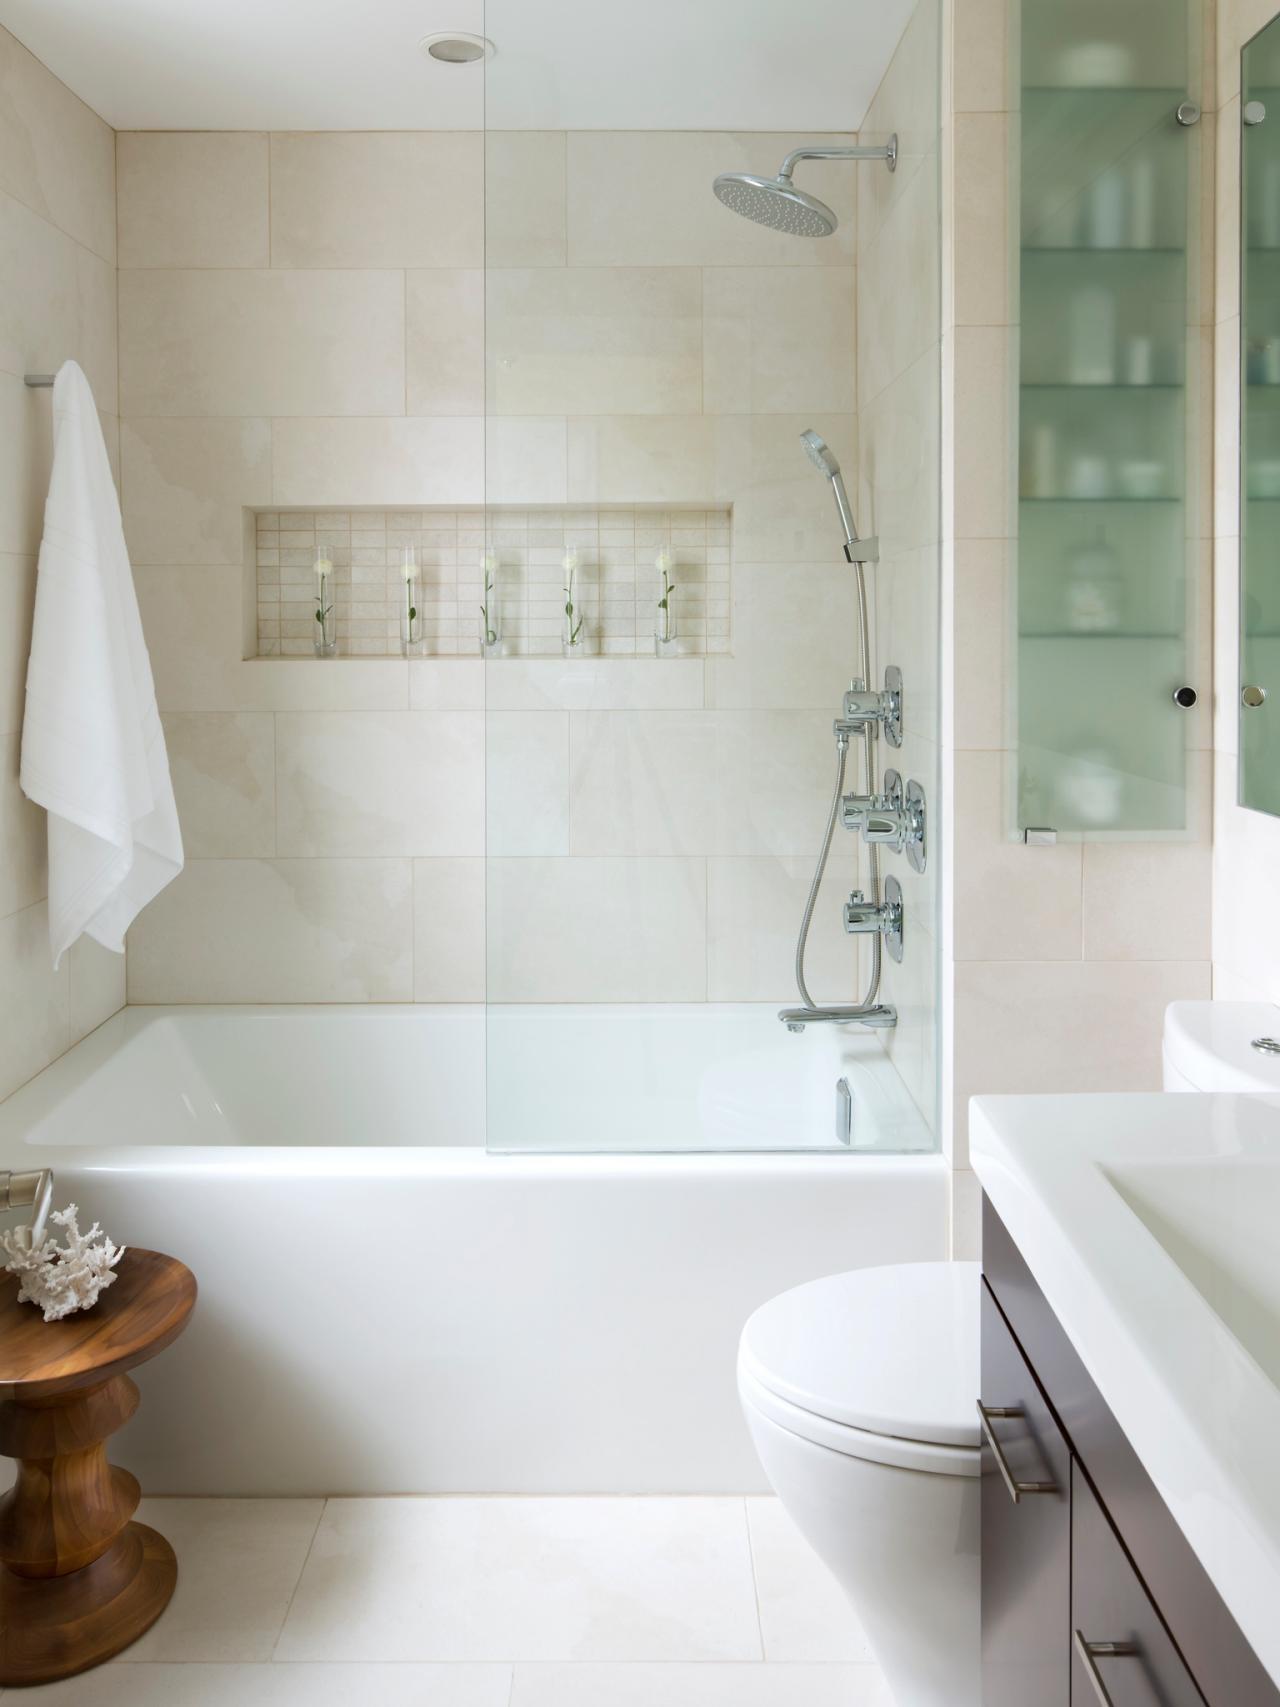 10 Spectacular Bath Ideas For Small Bathrooms